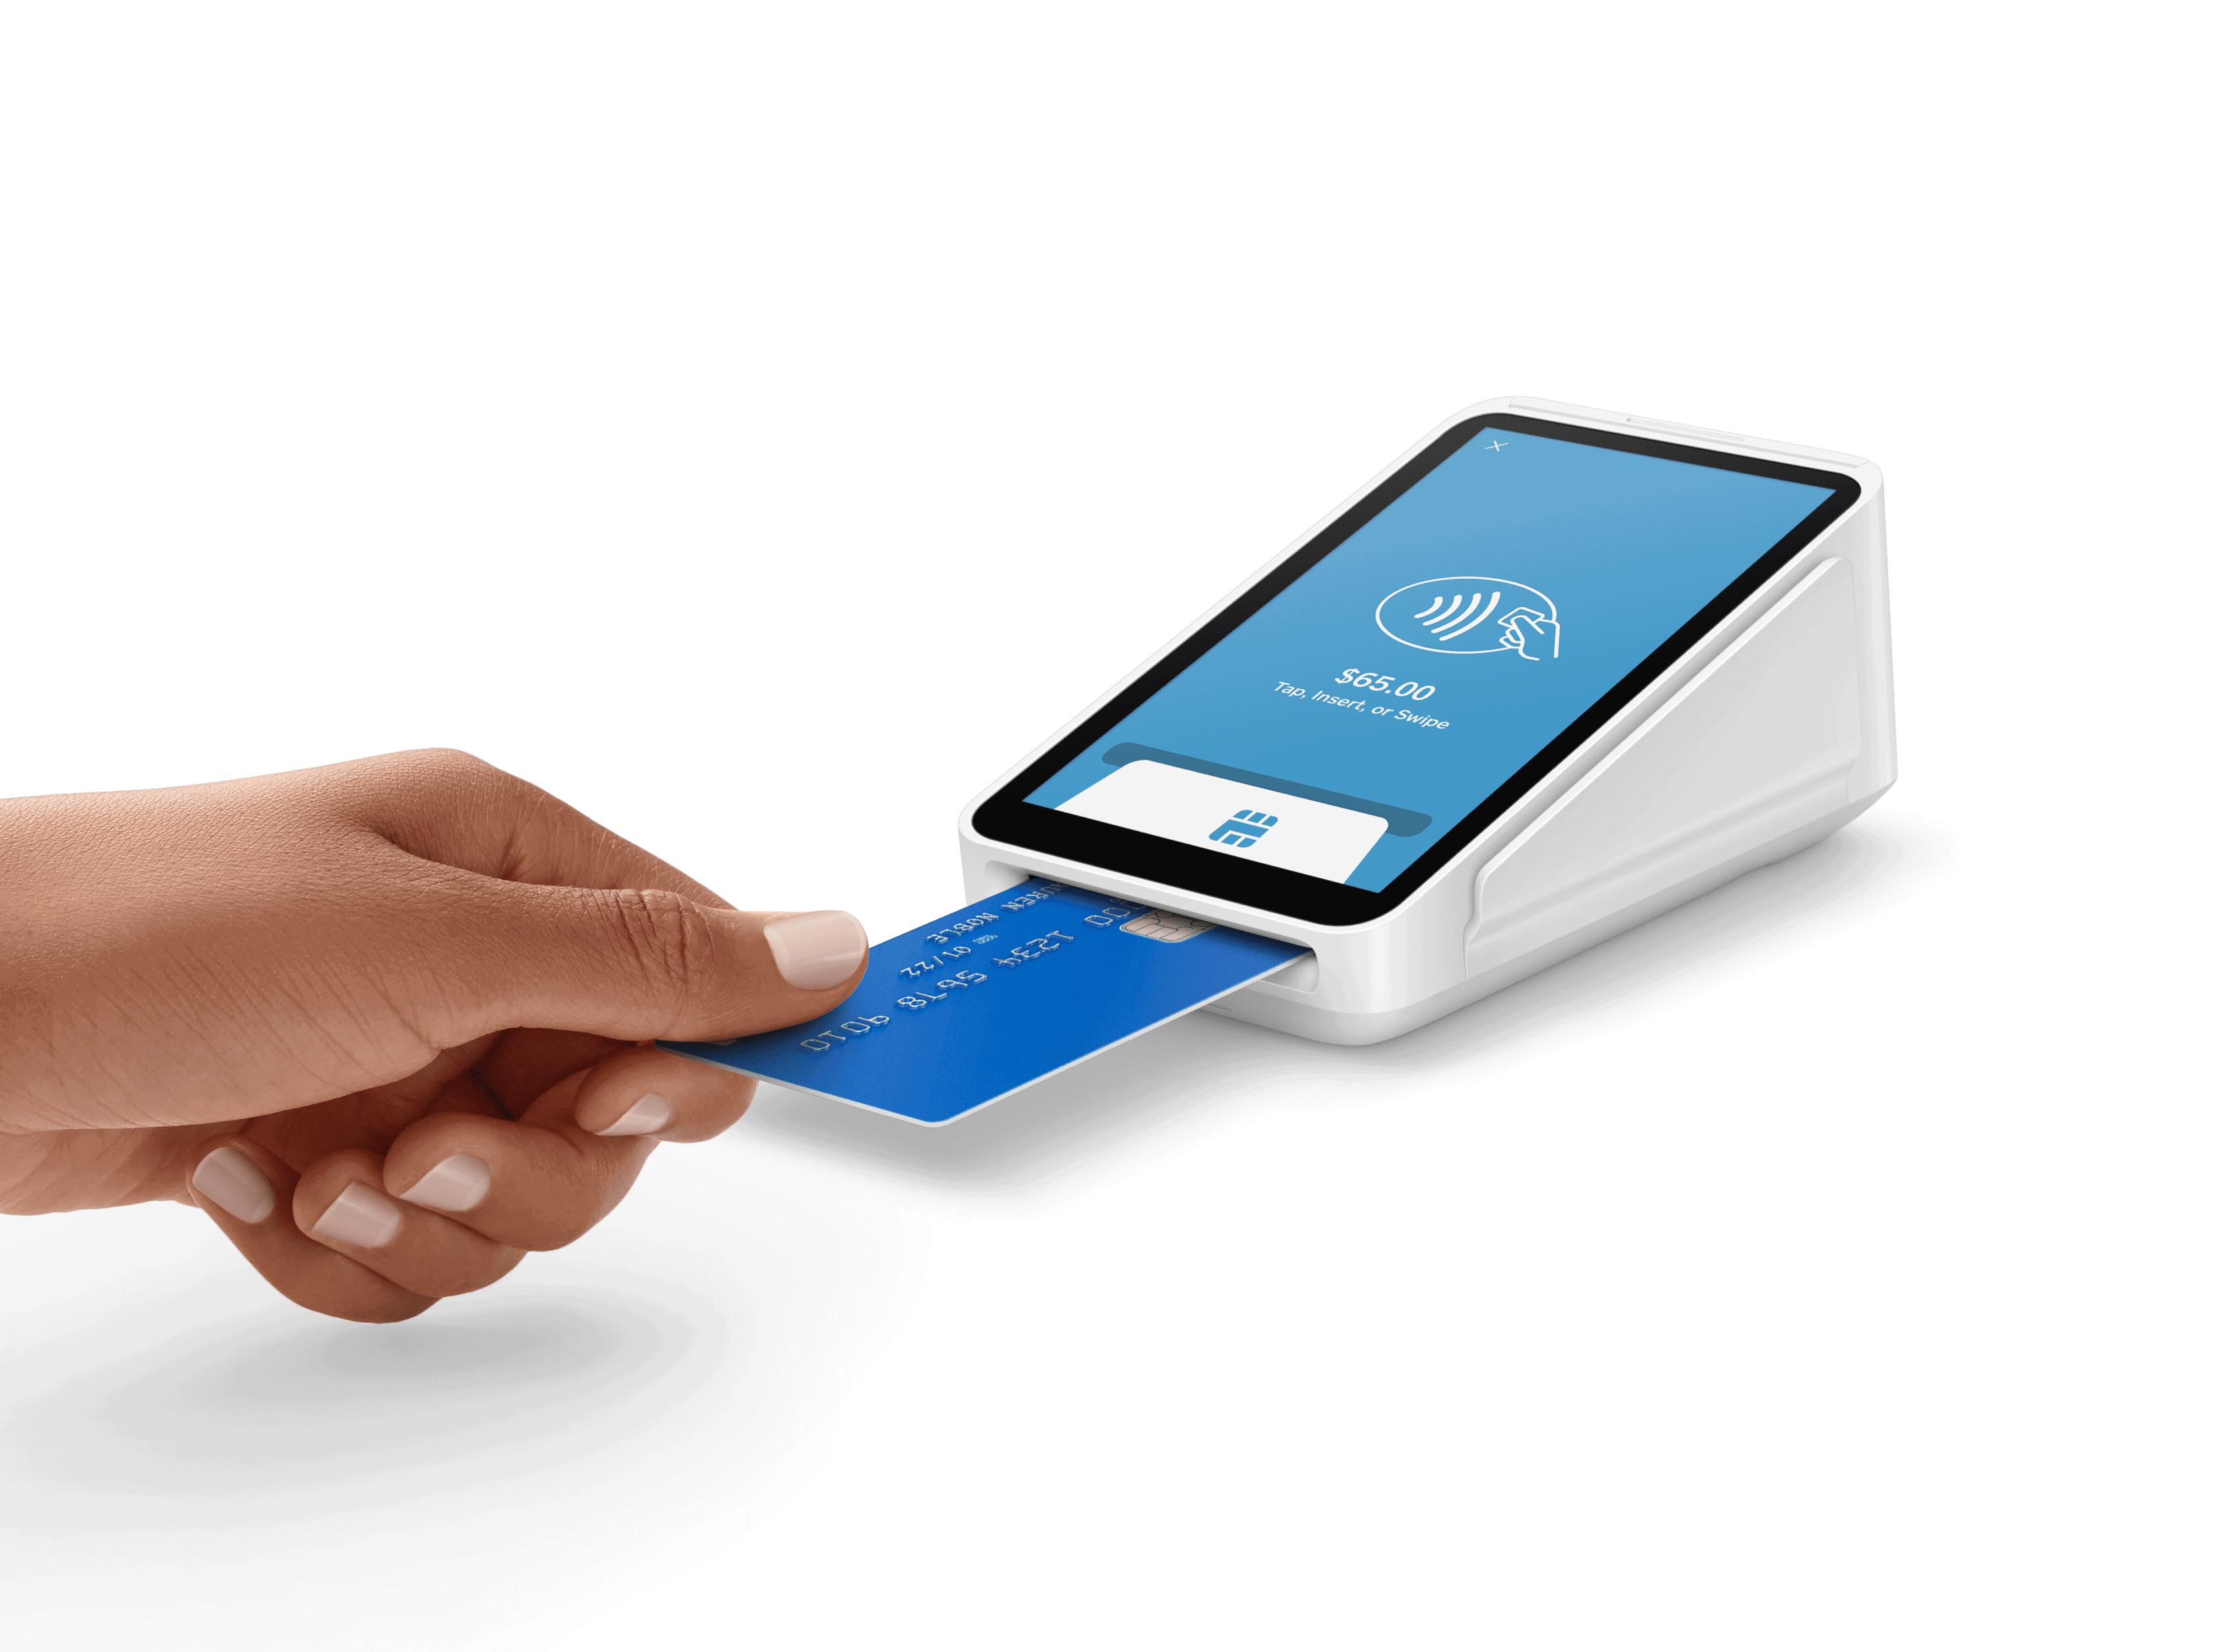 Square Terminal Credit Card Reader